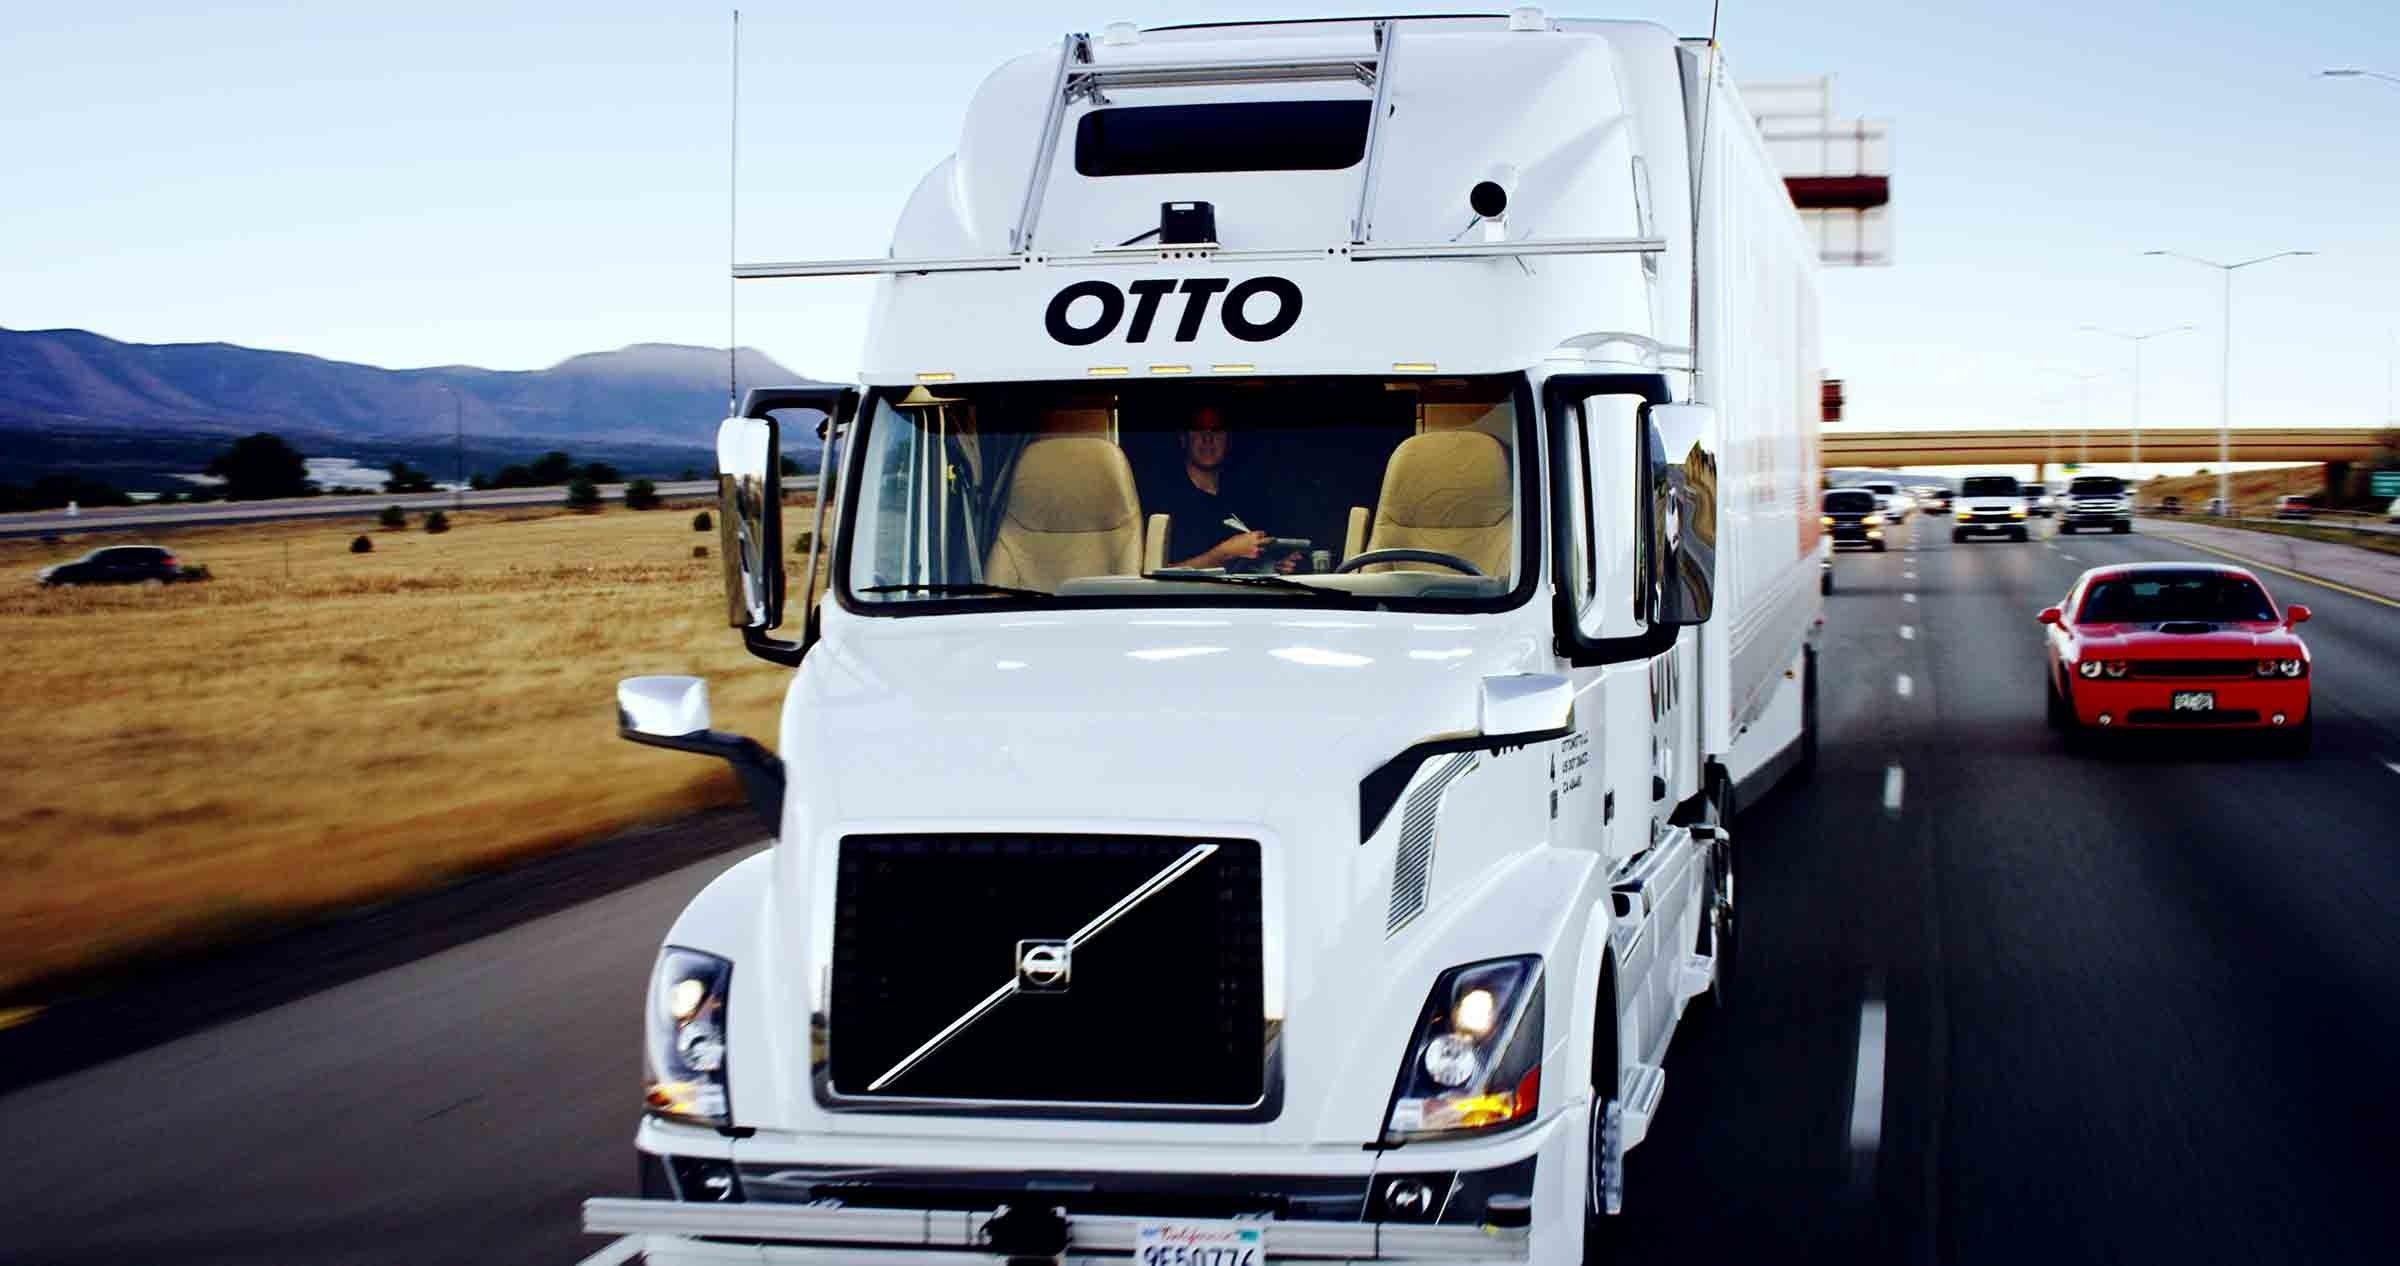 Конкуренция за будущий рынок: кто сегодня разрабатывает автономные грузовики - 2